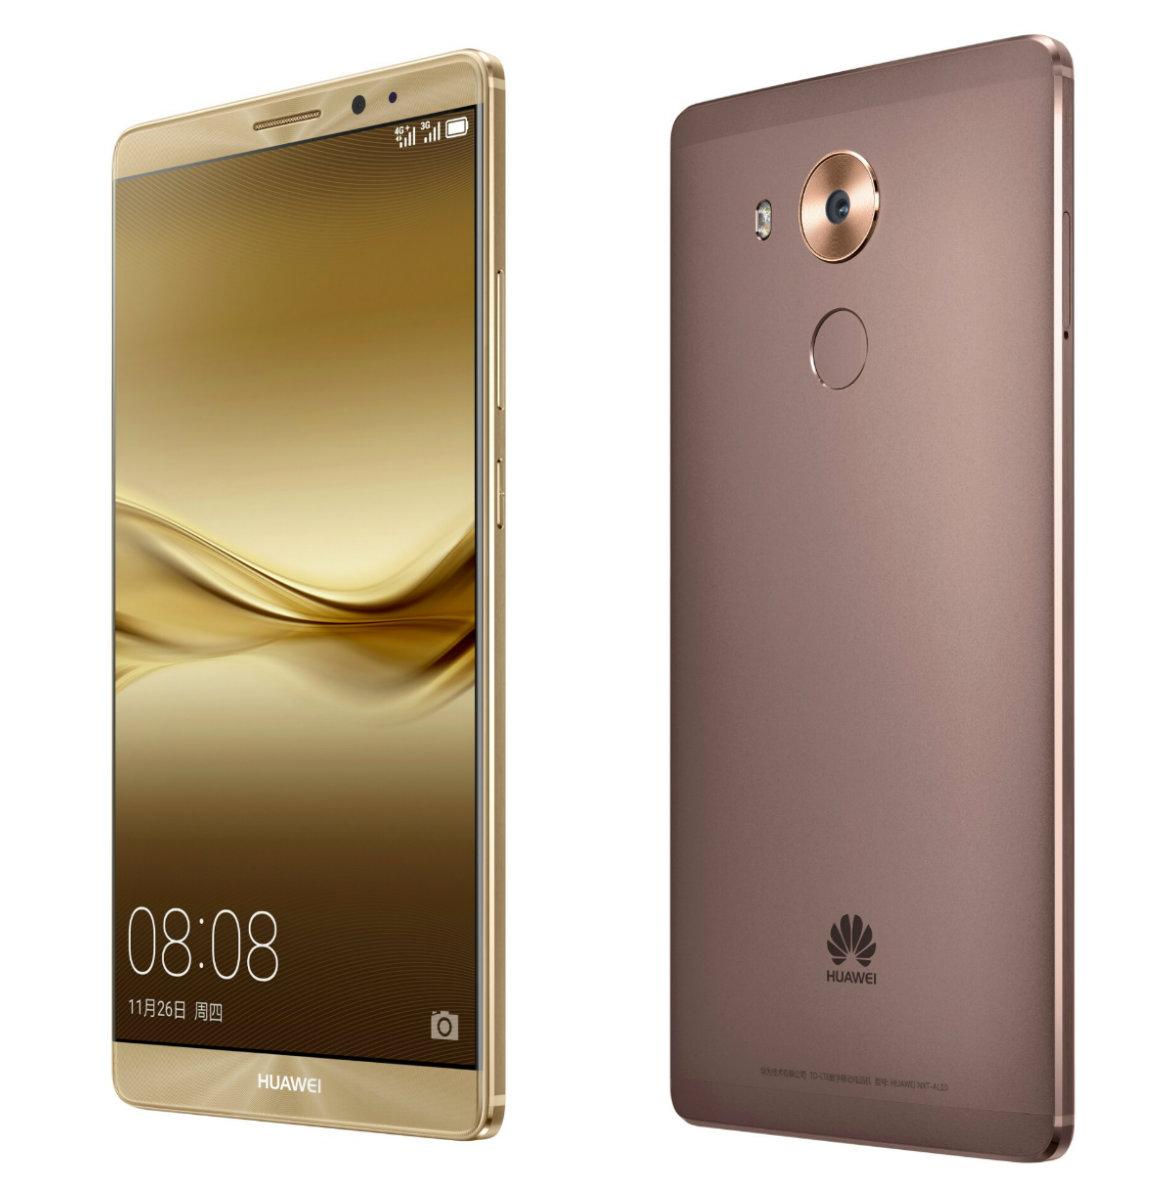 Huawei-Mate-8_41